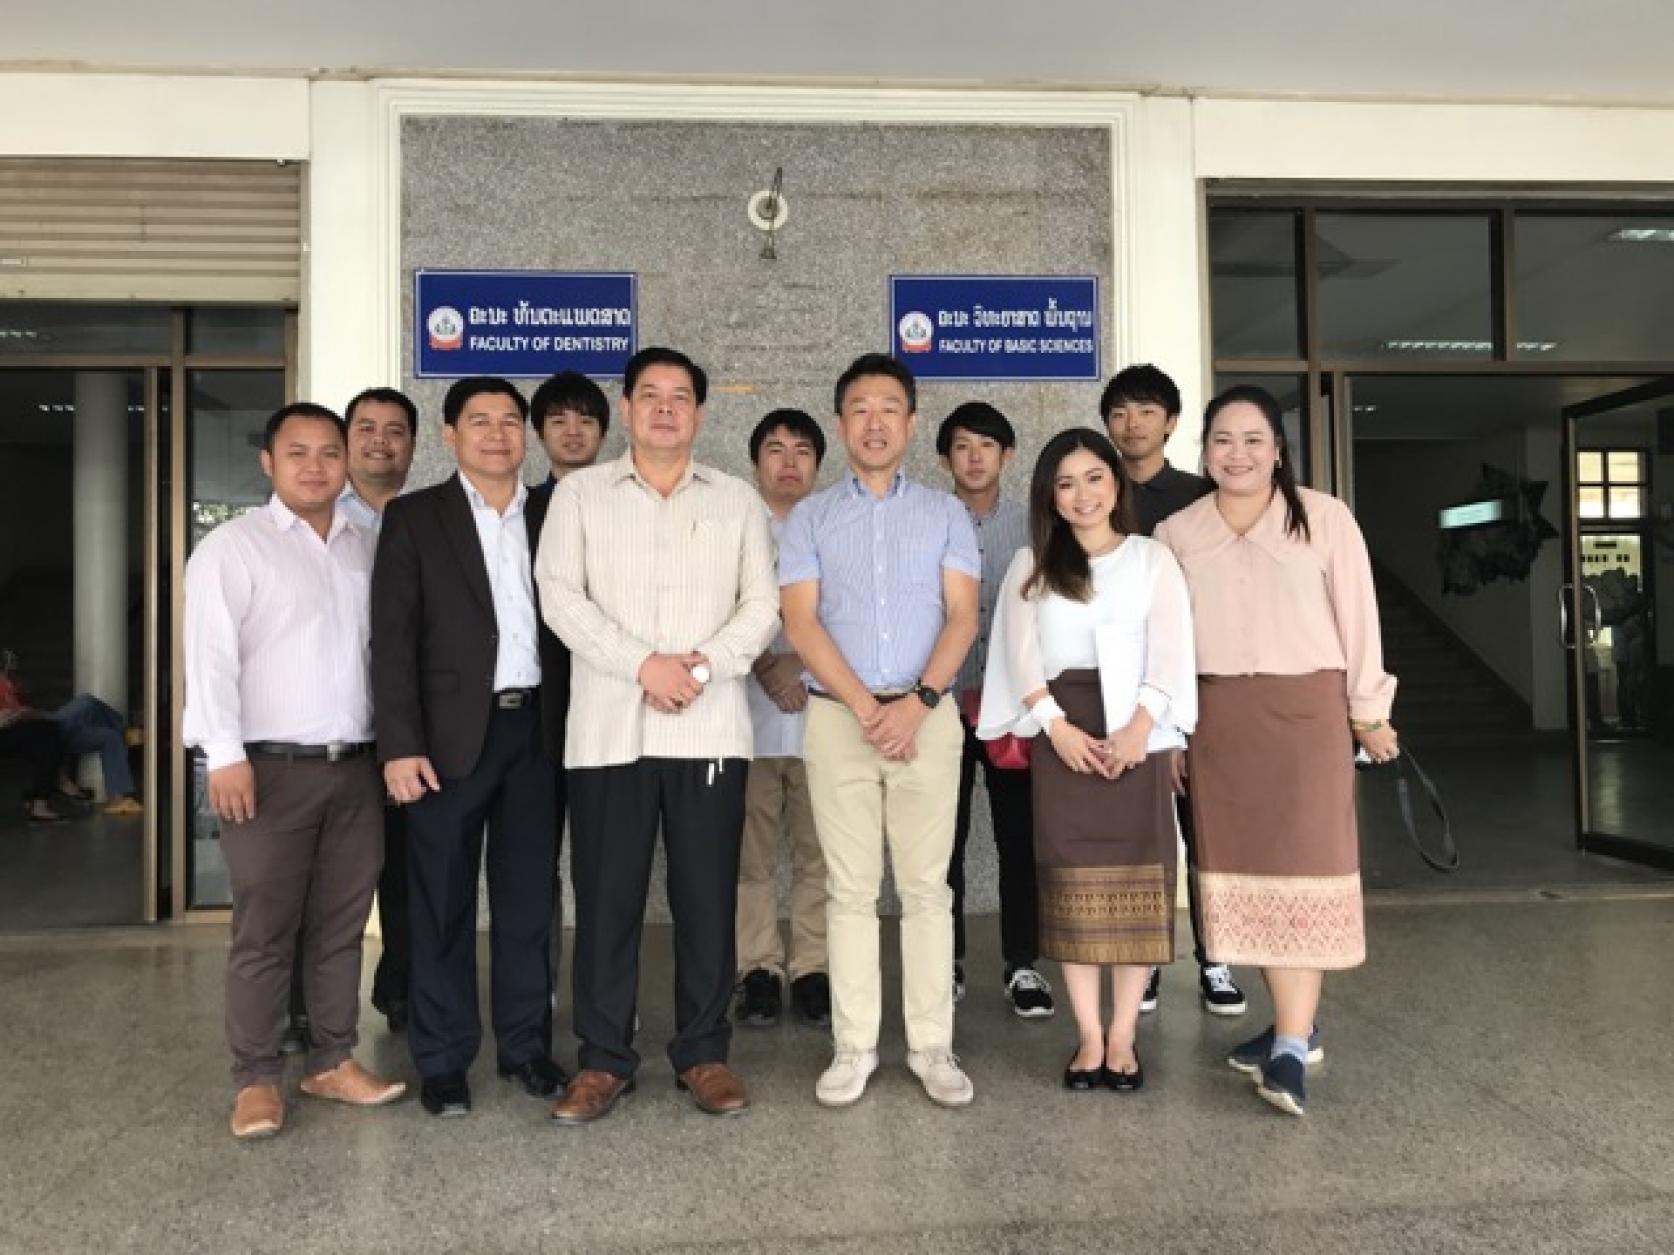 電気工学科 戸田健准教授および電気工学専攻と電気工学科の学生4名が、ラオスにおける地域医療ネットワーク構築に関わり、ラオスヘルスサイエンス大学へ派遣されました。